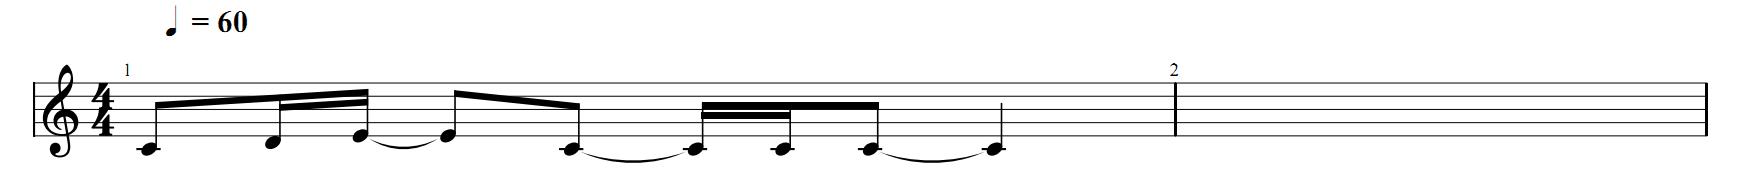 Запись нот для гитары 1